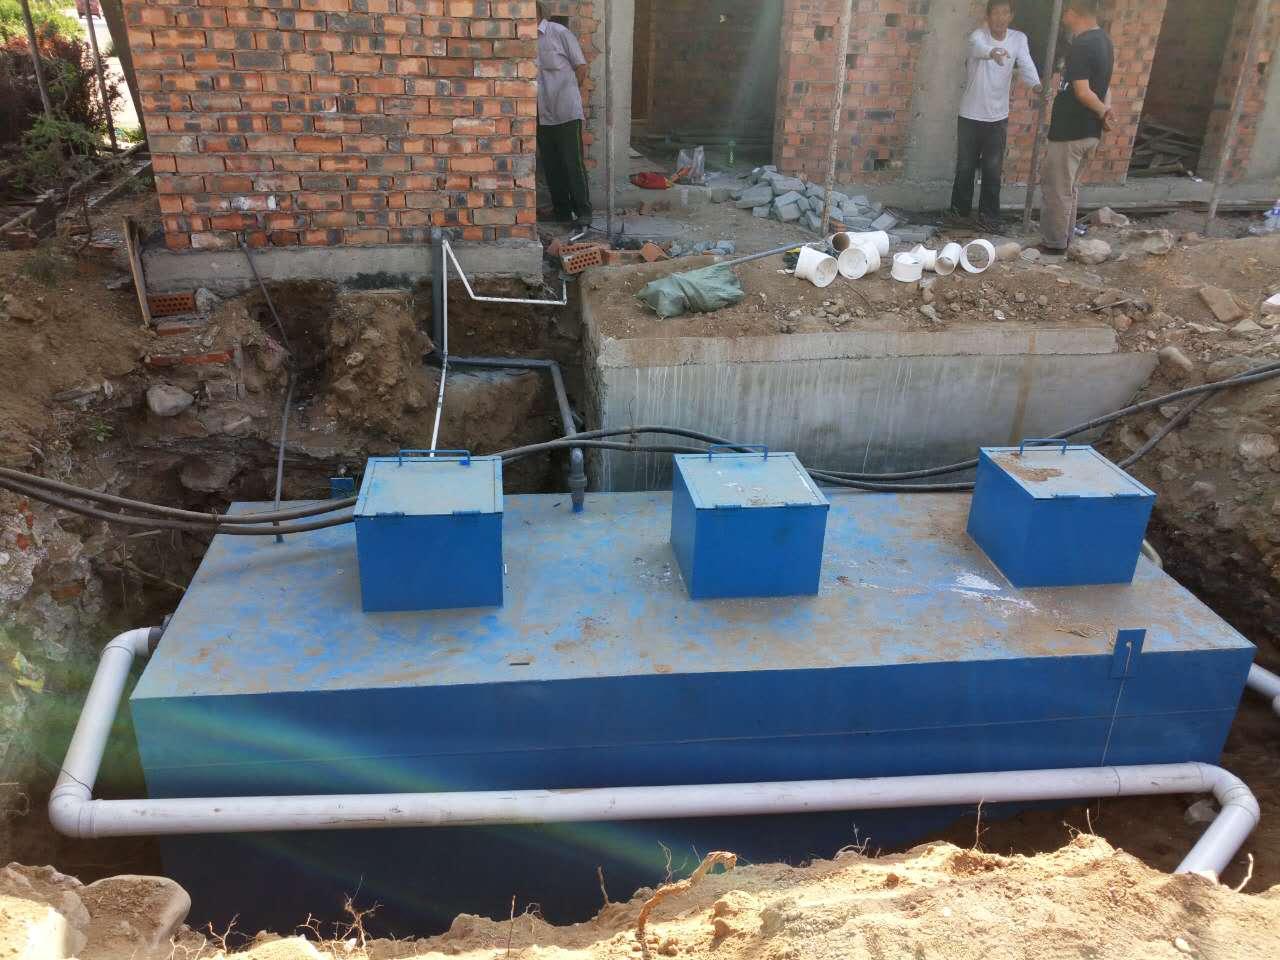 津南区工厂废水处理设施务必适时护理